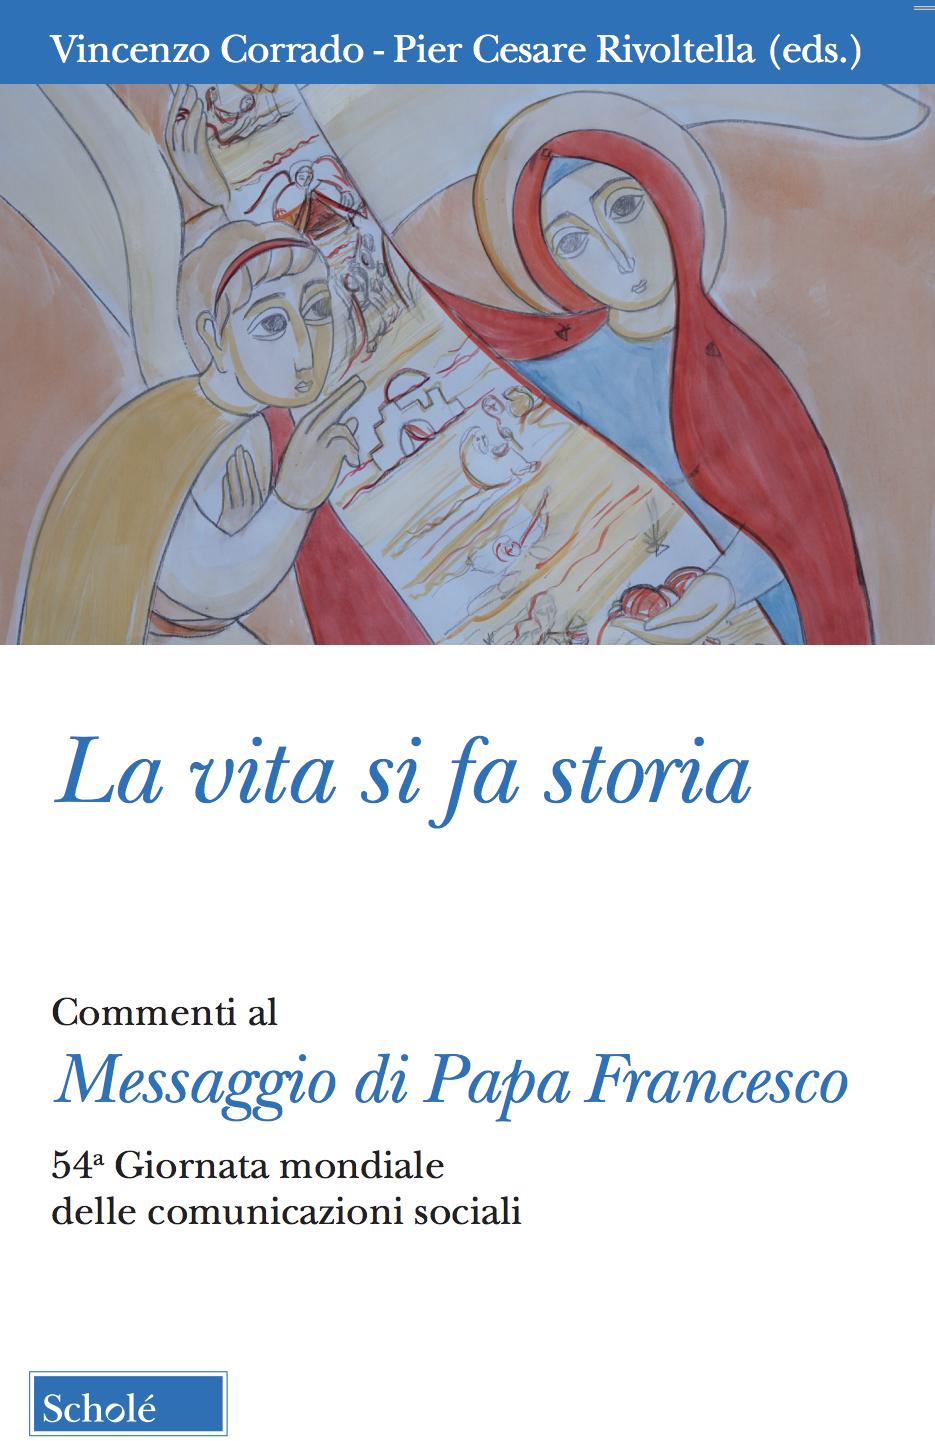 [Libro], Il commento al Messaggio del Papa curato da Rivoltella e Corrado